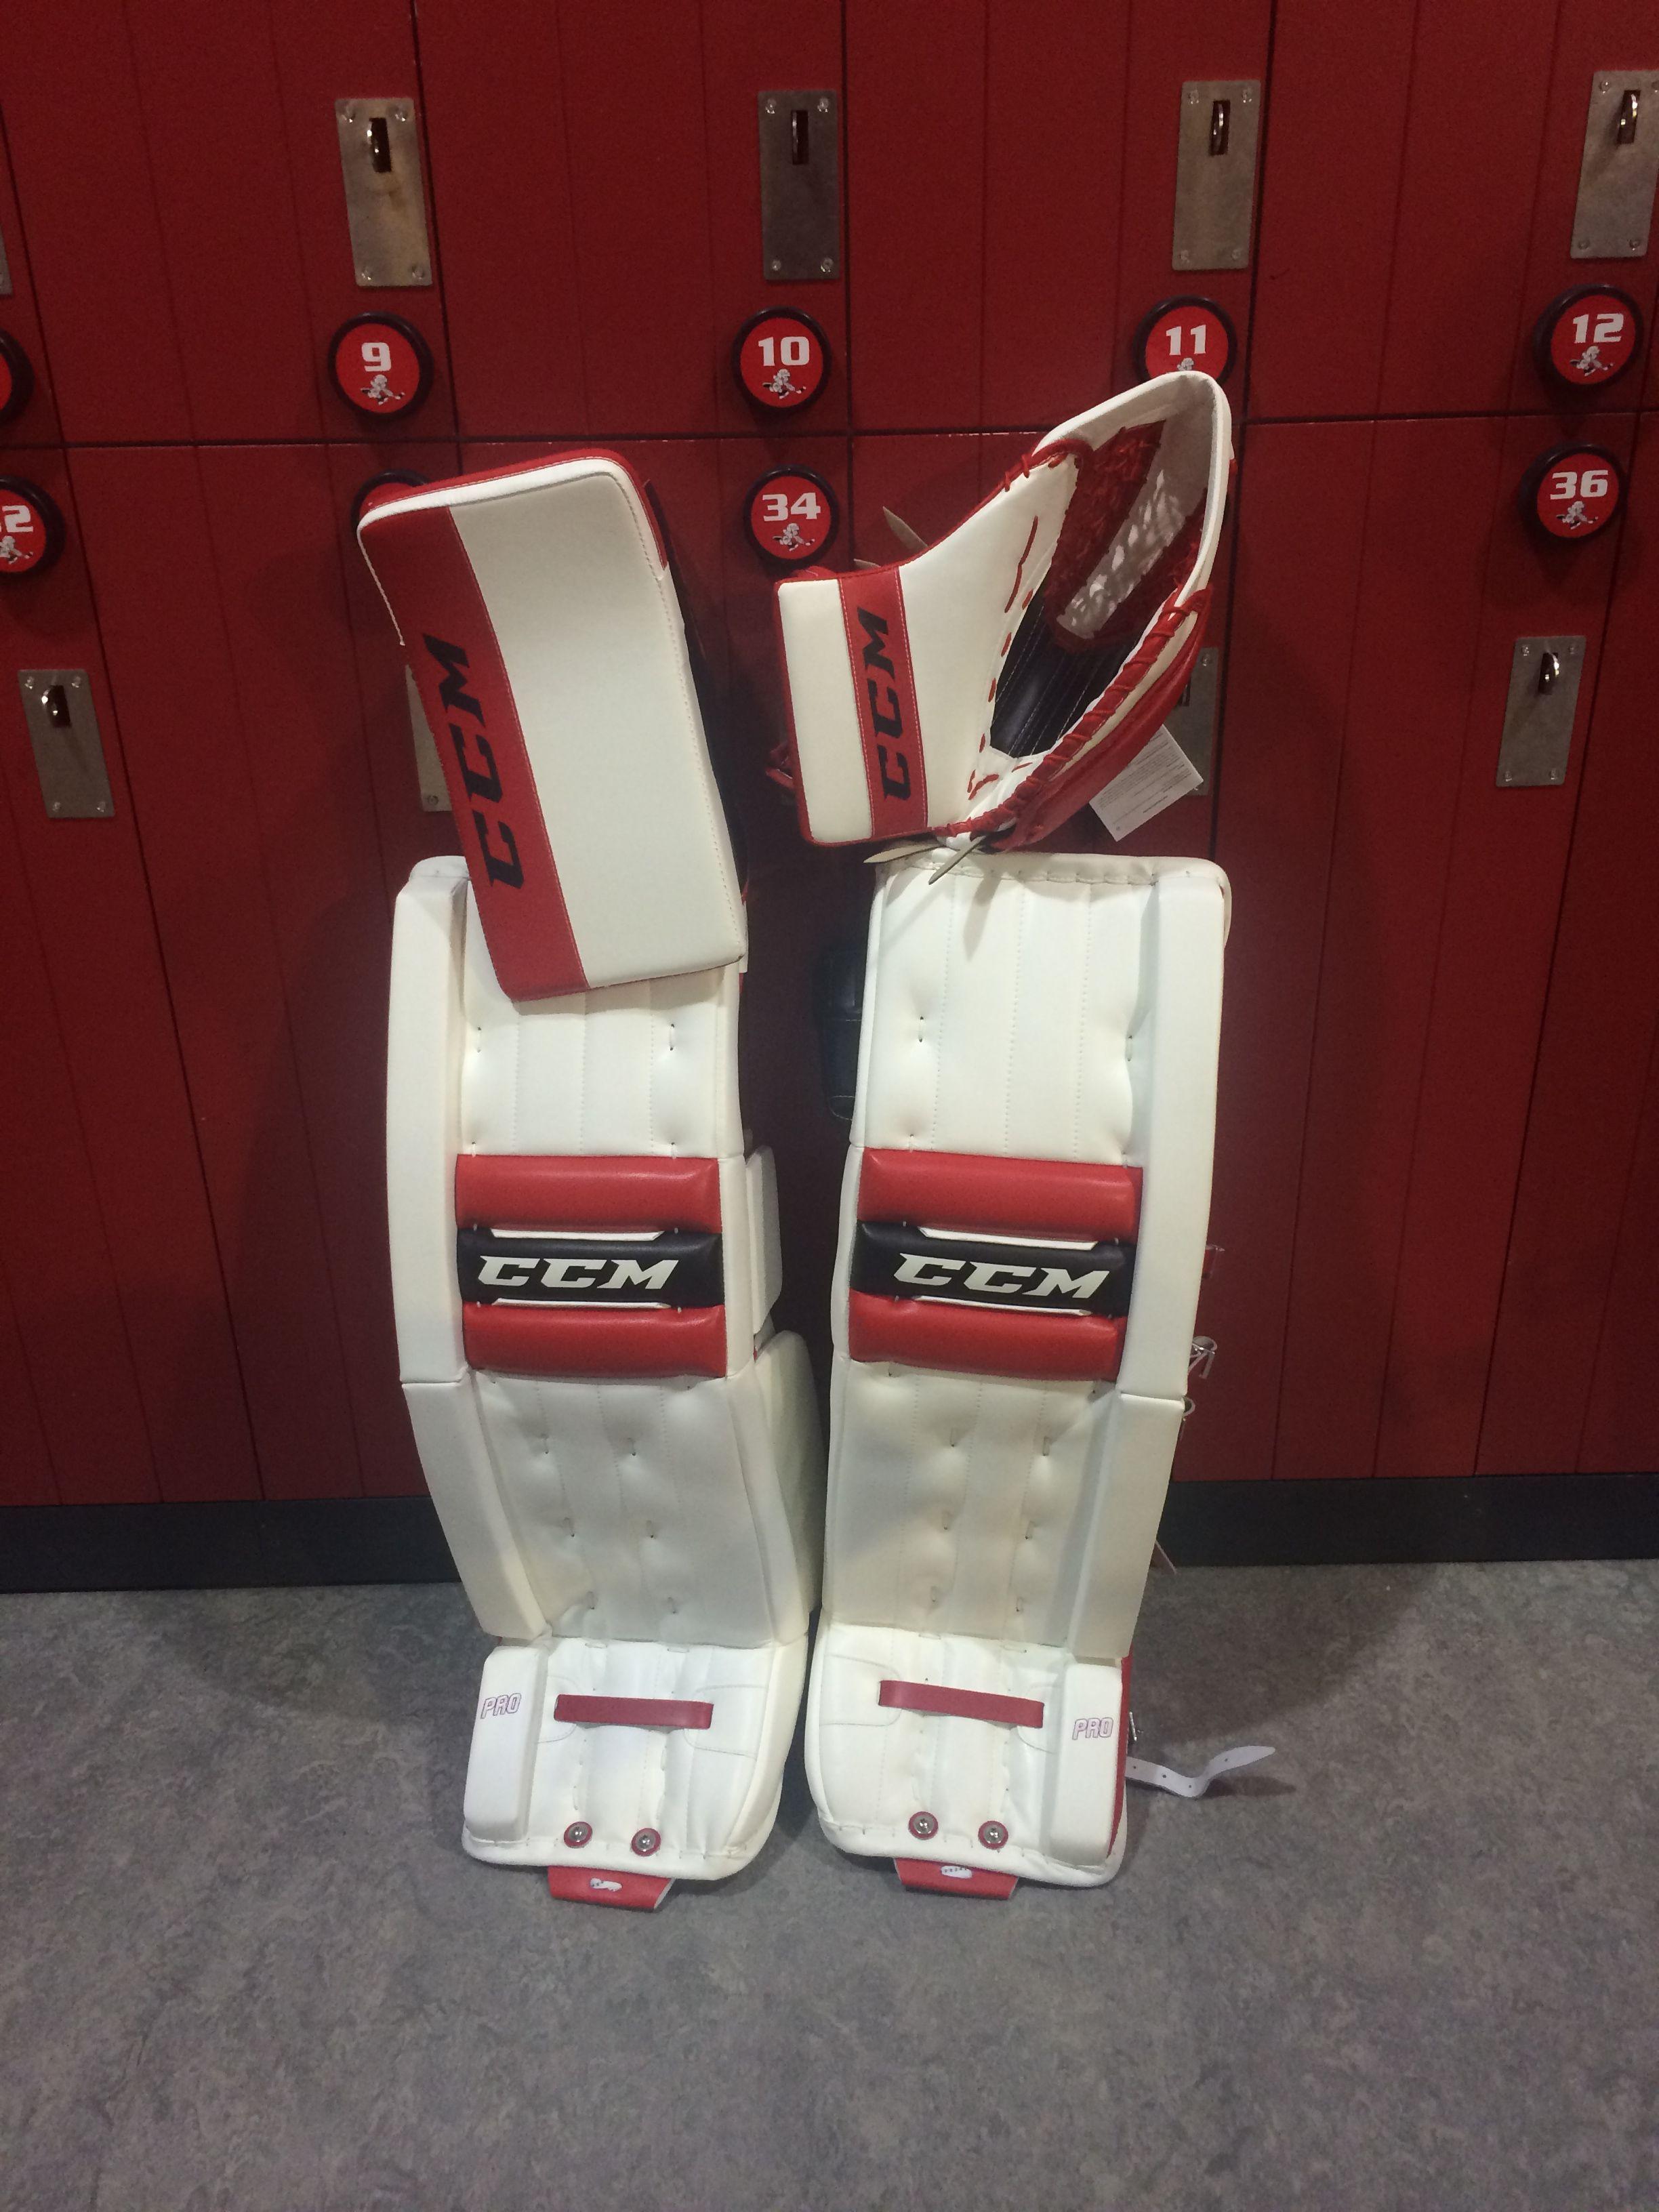 CCM Retro Flex Pro custom goalie pads and gloves made for a